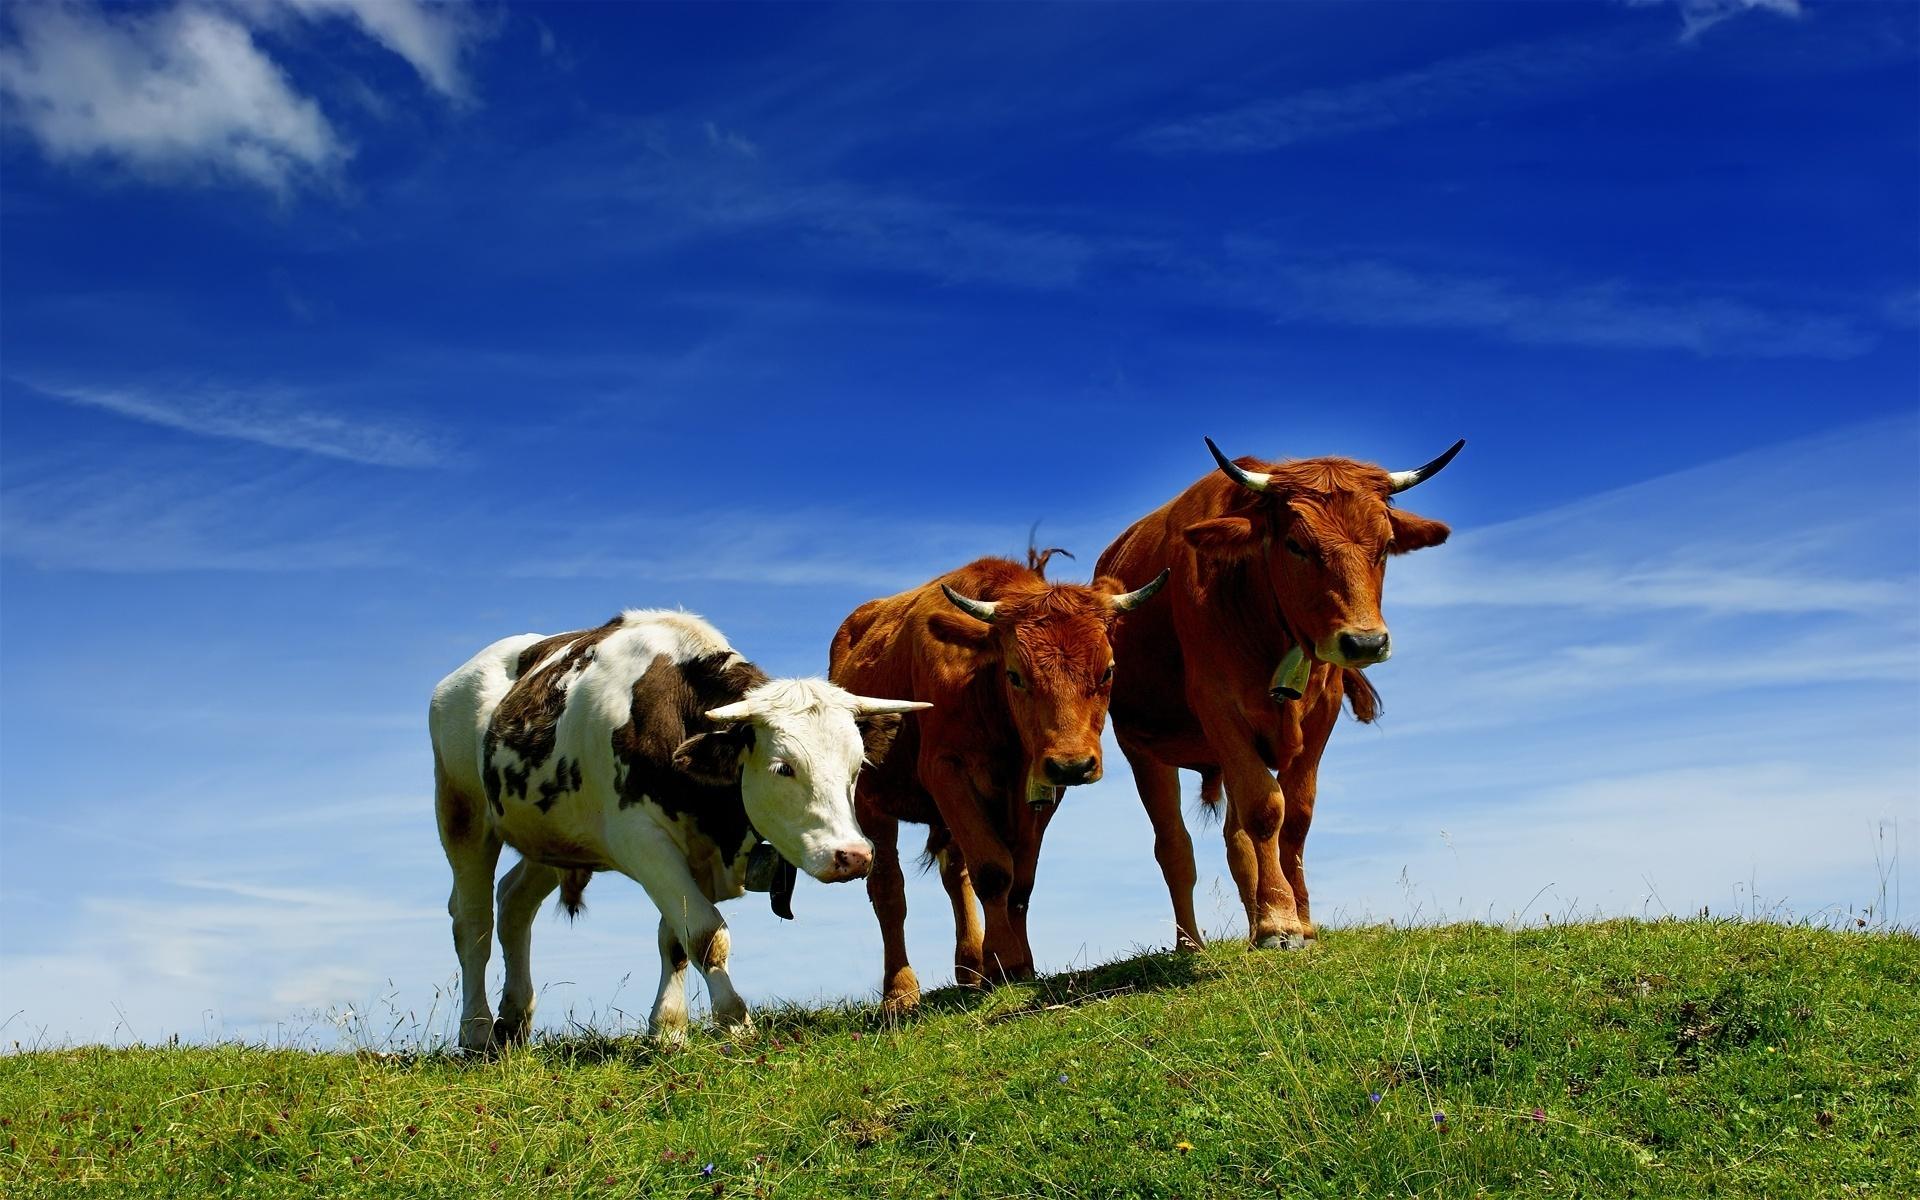 Funny Iphone Wallpaper Quotes Cow Wallpaper Hd Pixelstalk Net